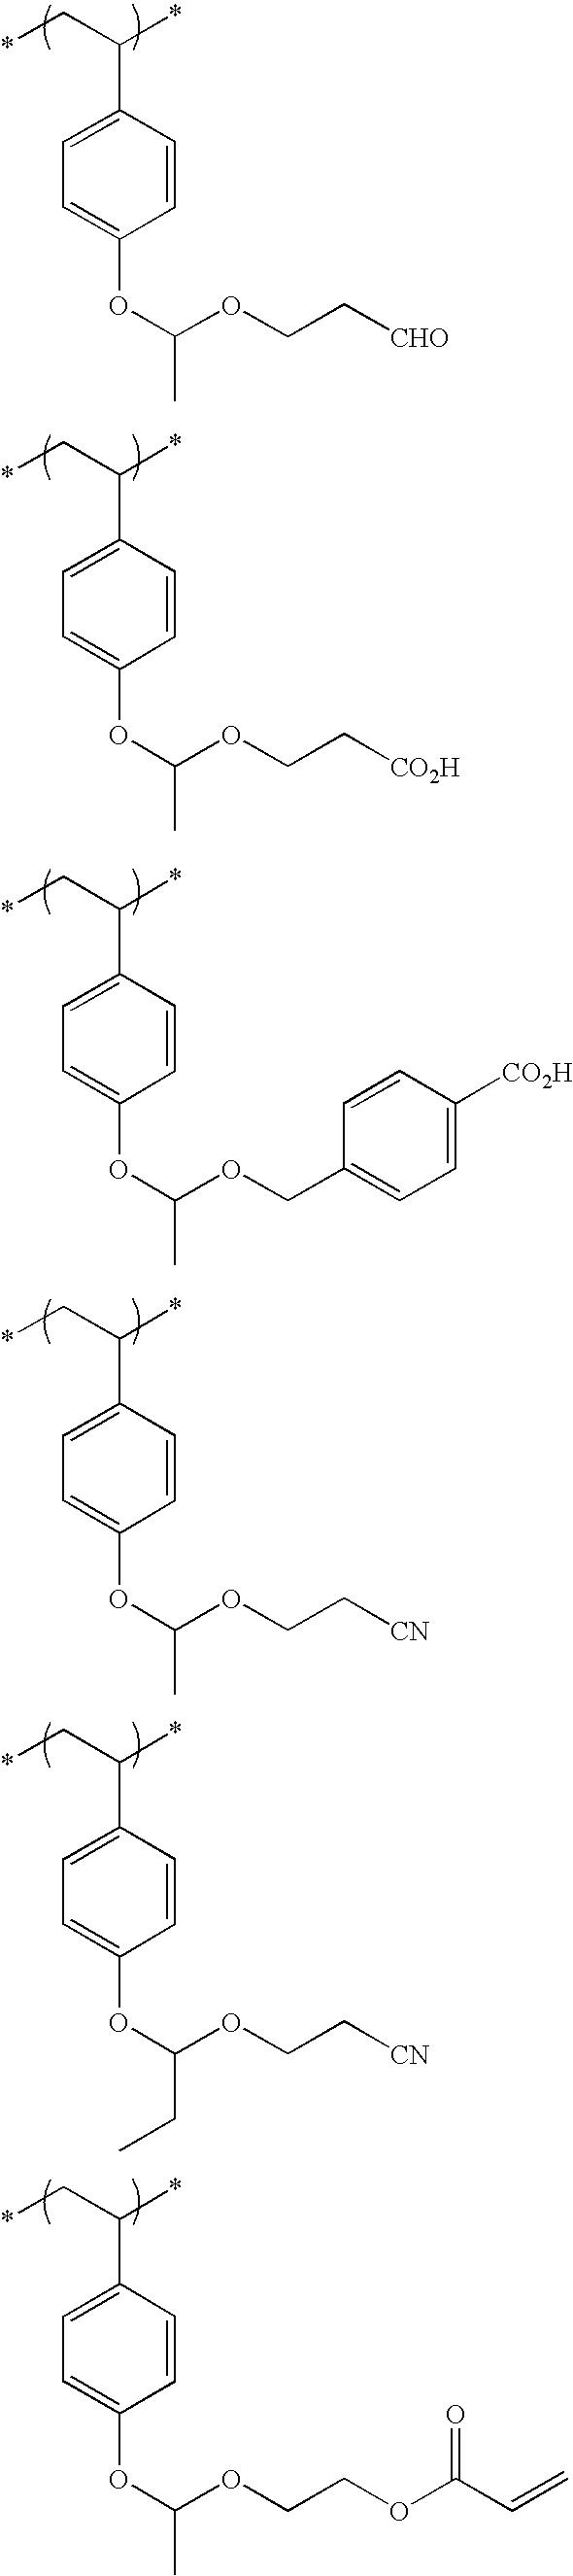 Figure US08852845-20141007-C00095